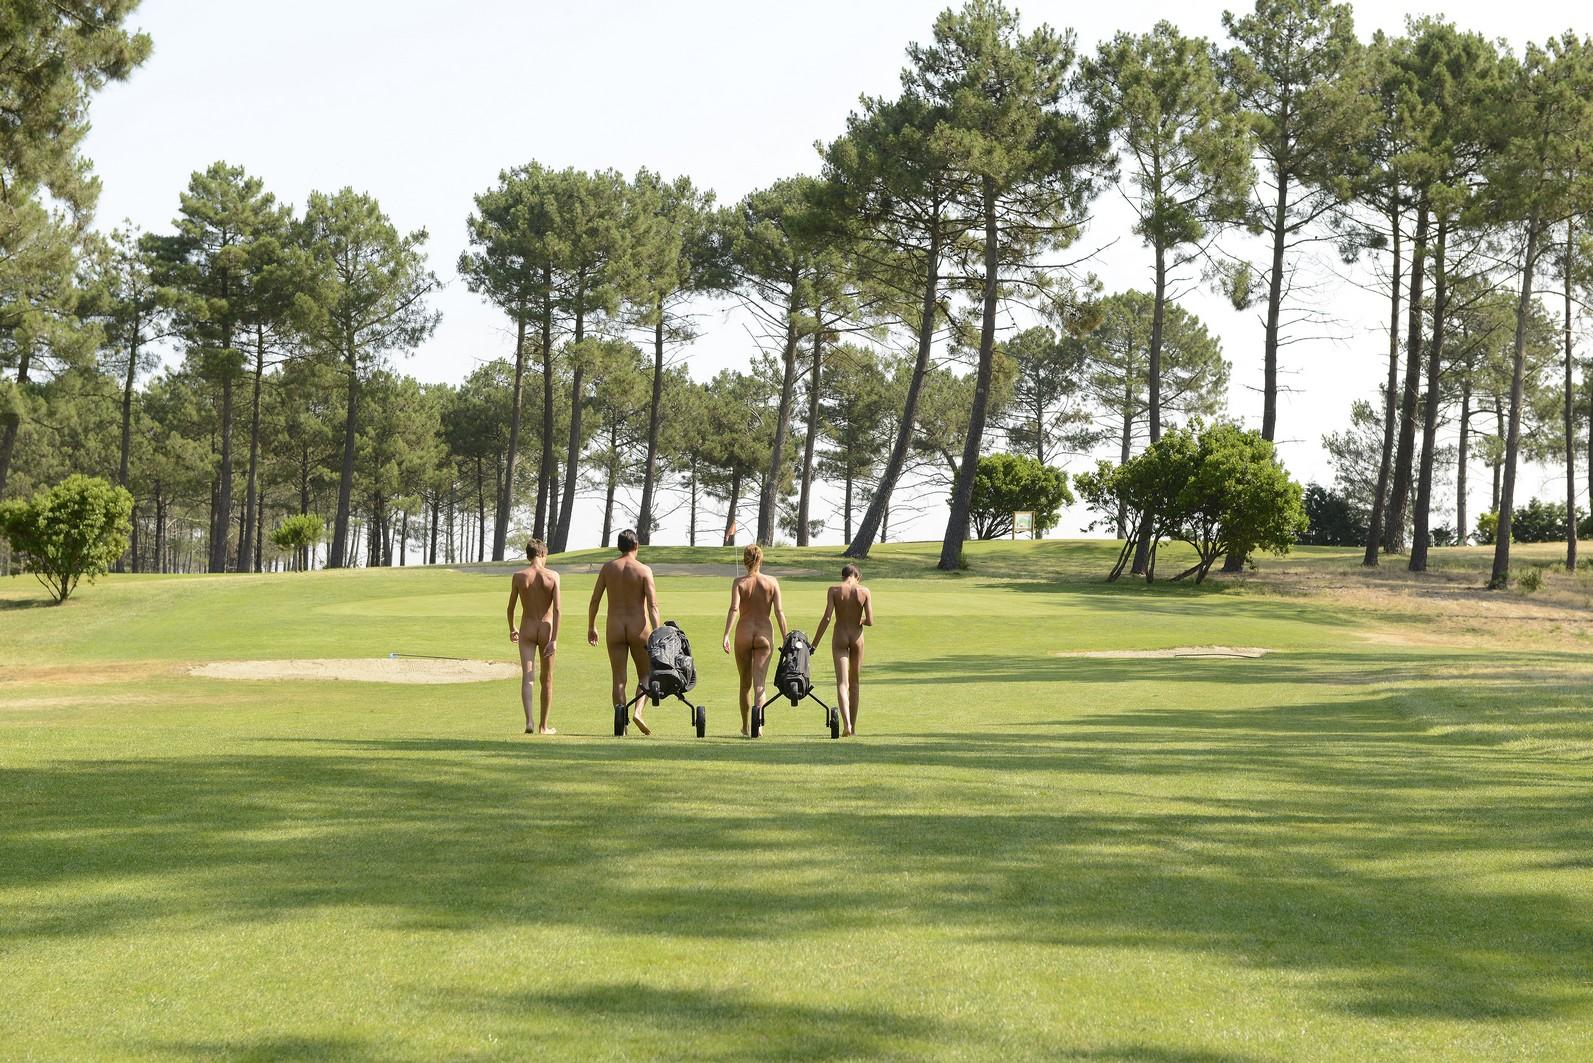 Nude golf at La Jenny Golf Course - 4moles